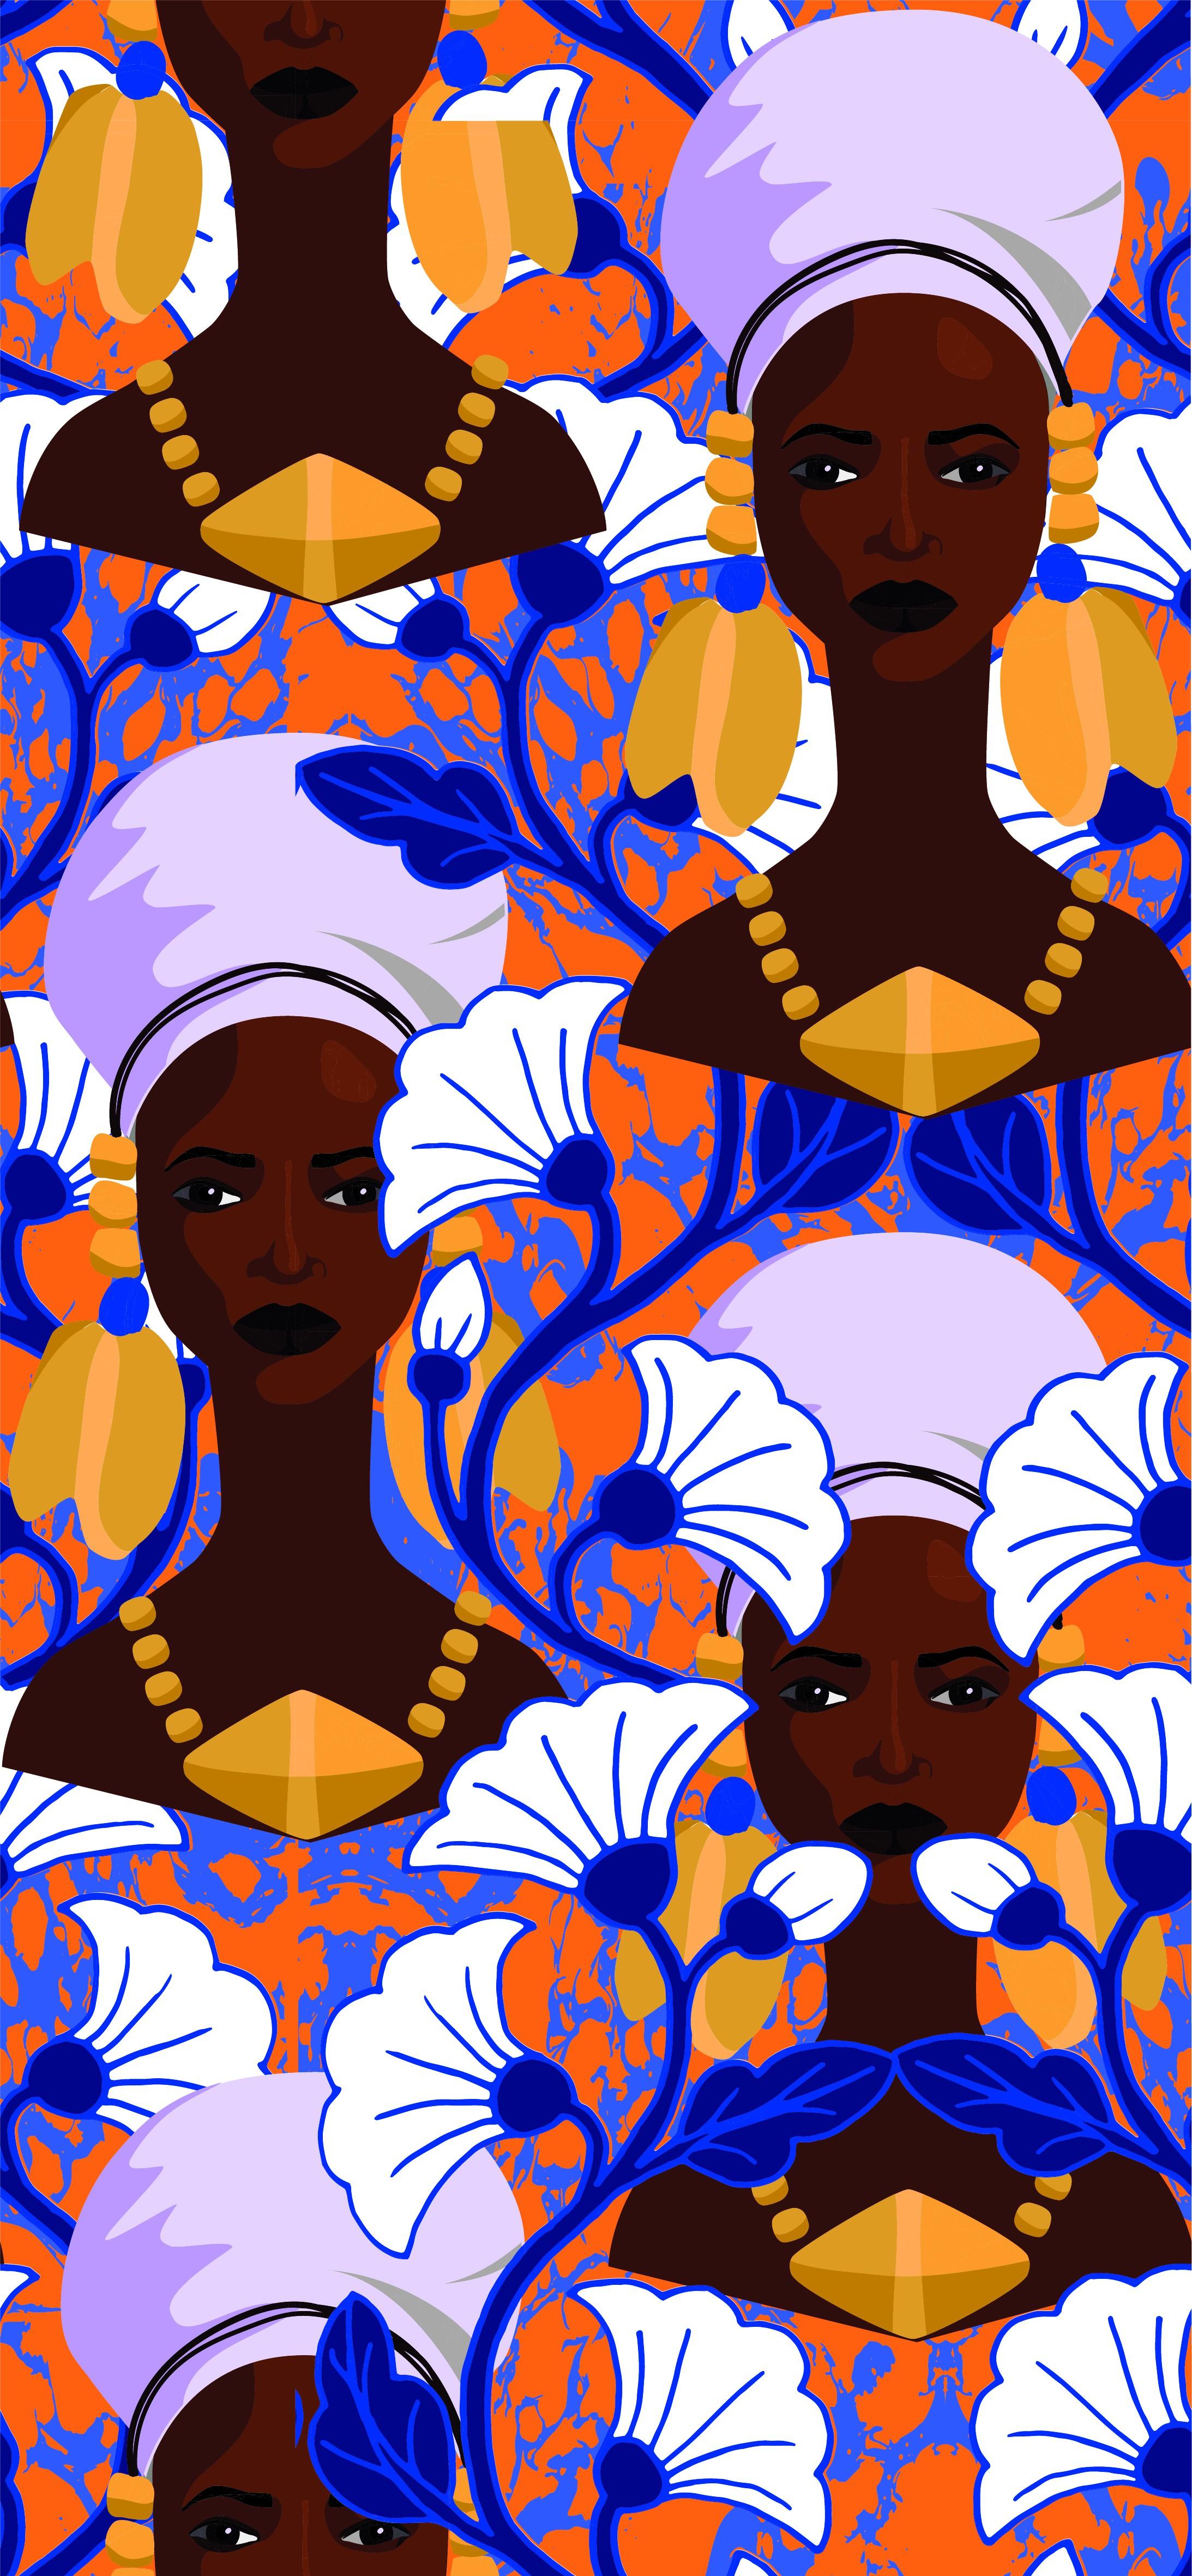 Áfrican woman pattern #26